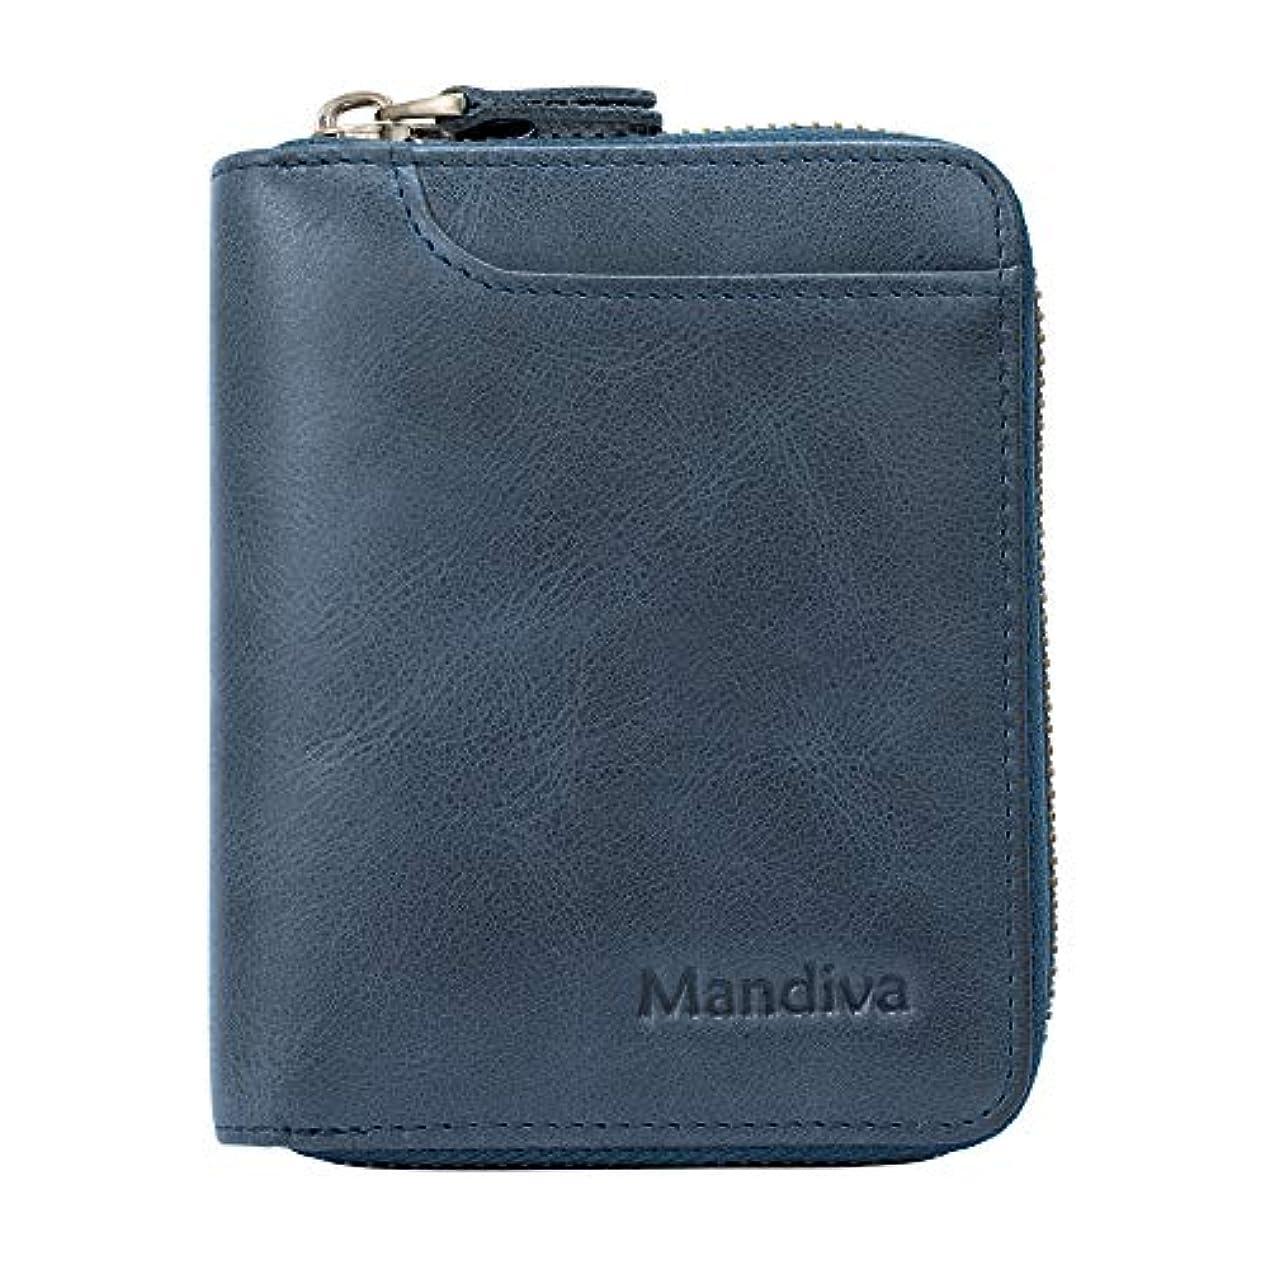 ディベート長さ端末Mandiva 財布 カードケース 本革 メンズ 軽量小銭入れ コンパクト ラウンドファスナー